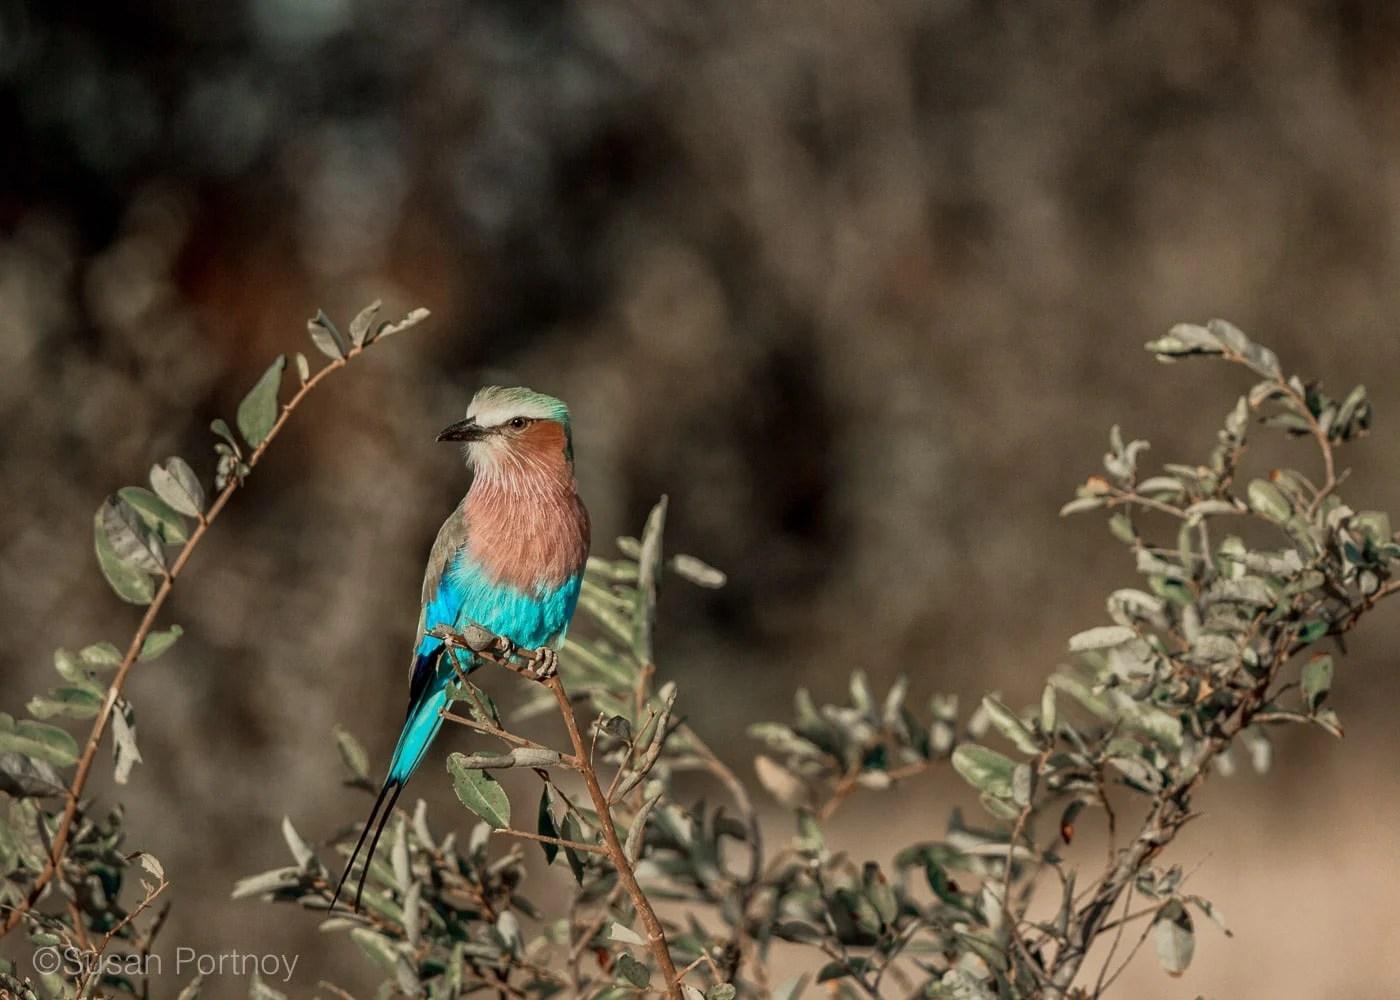 sportnoy_birds-02